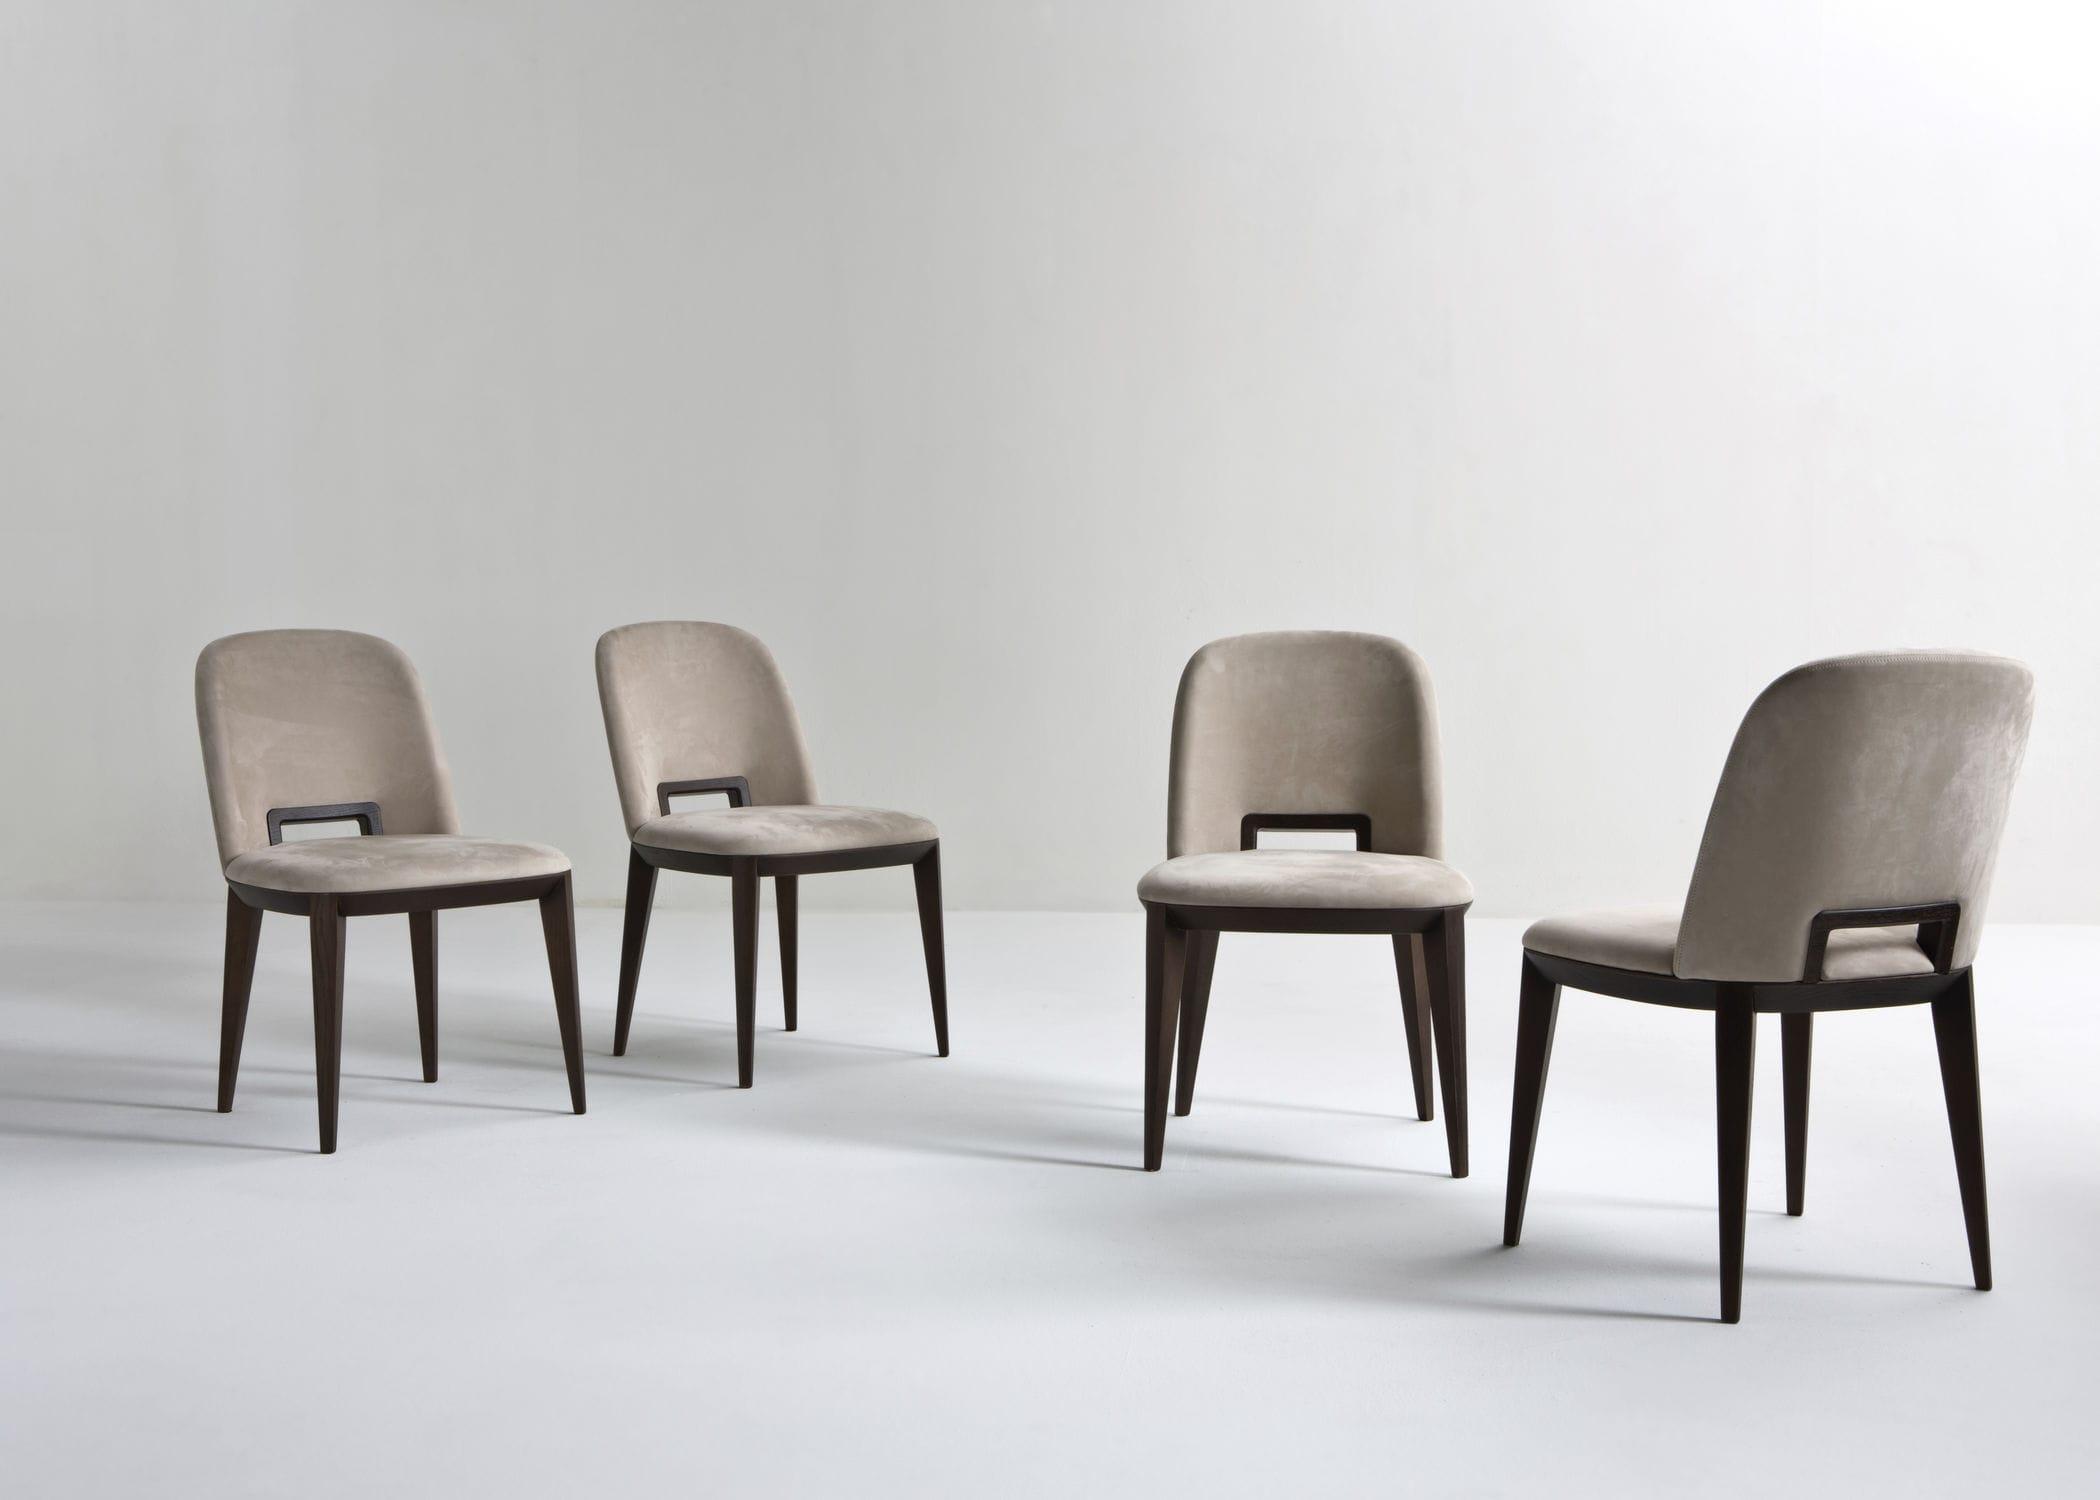 Sedie Ufficio Desing : Sedia da ufficio design originale in tessuto in pelle in